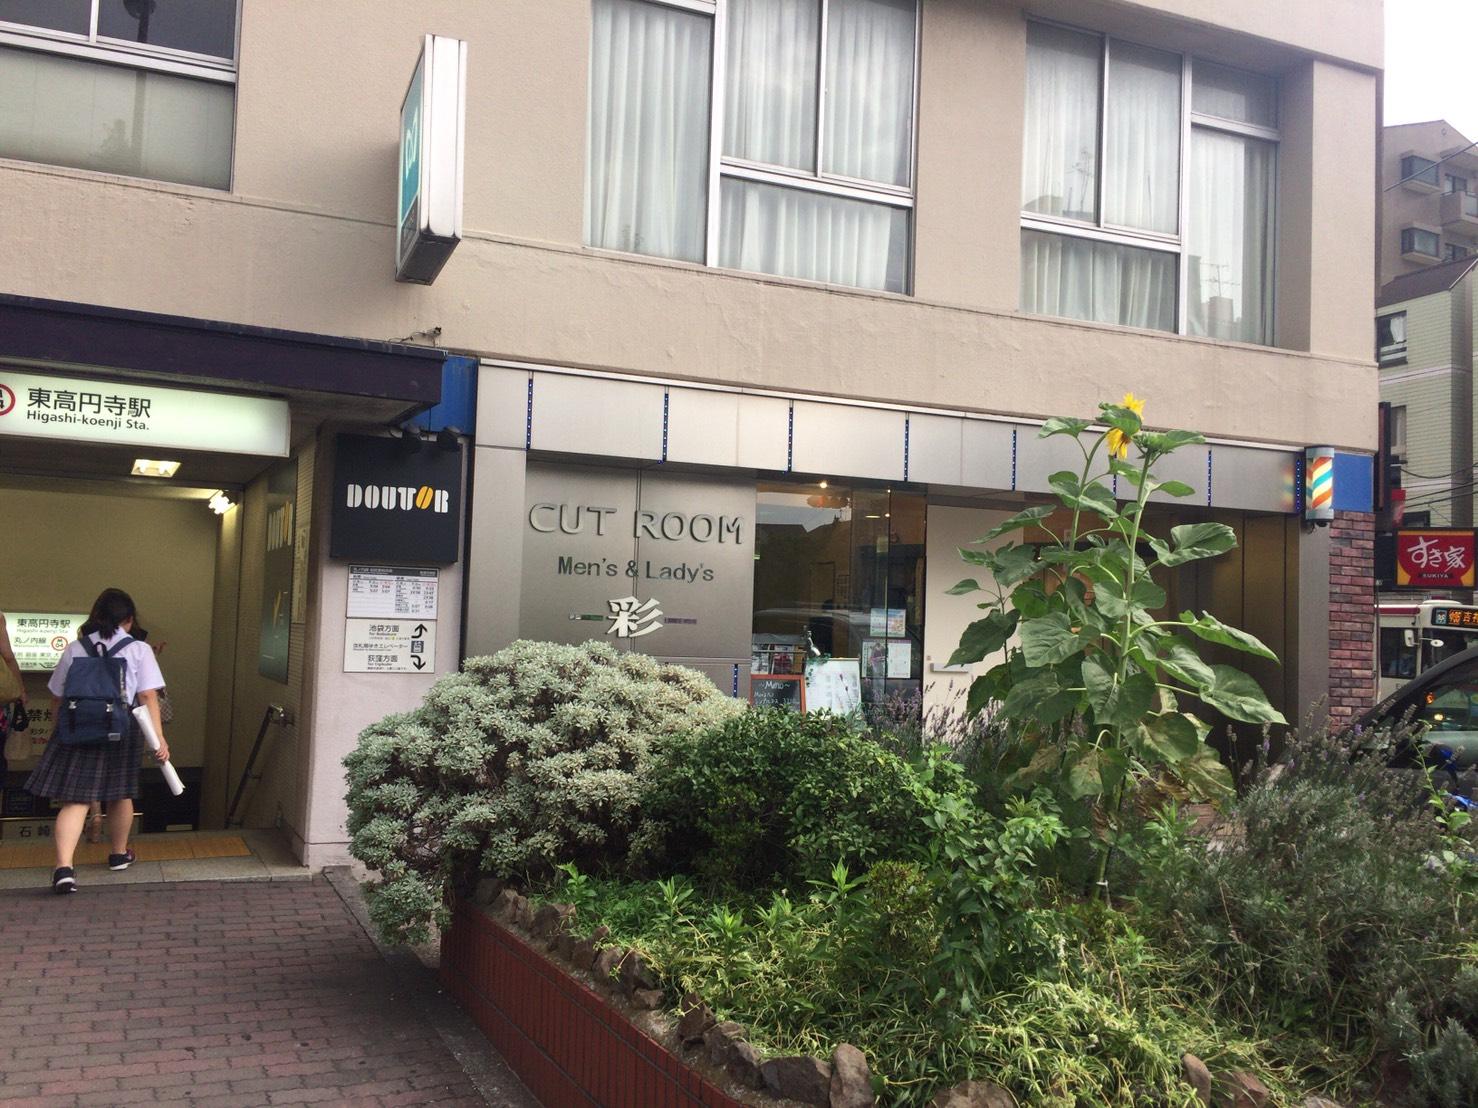 丸の内線「東高円寺駅」前 ドトール